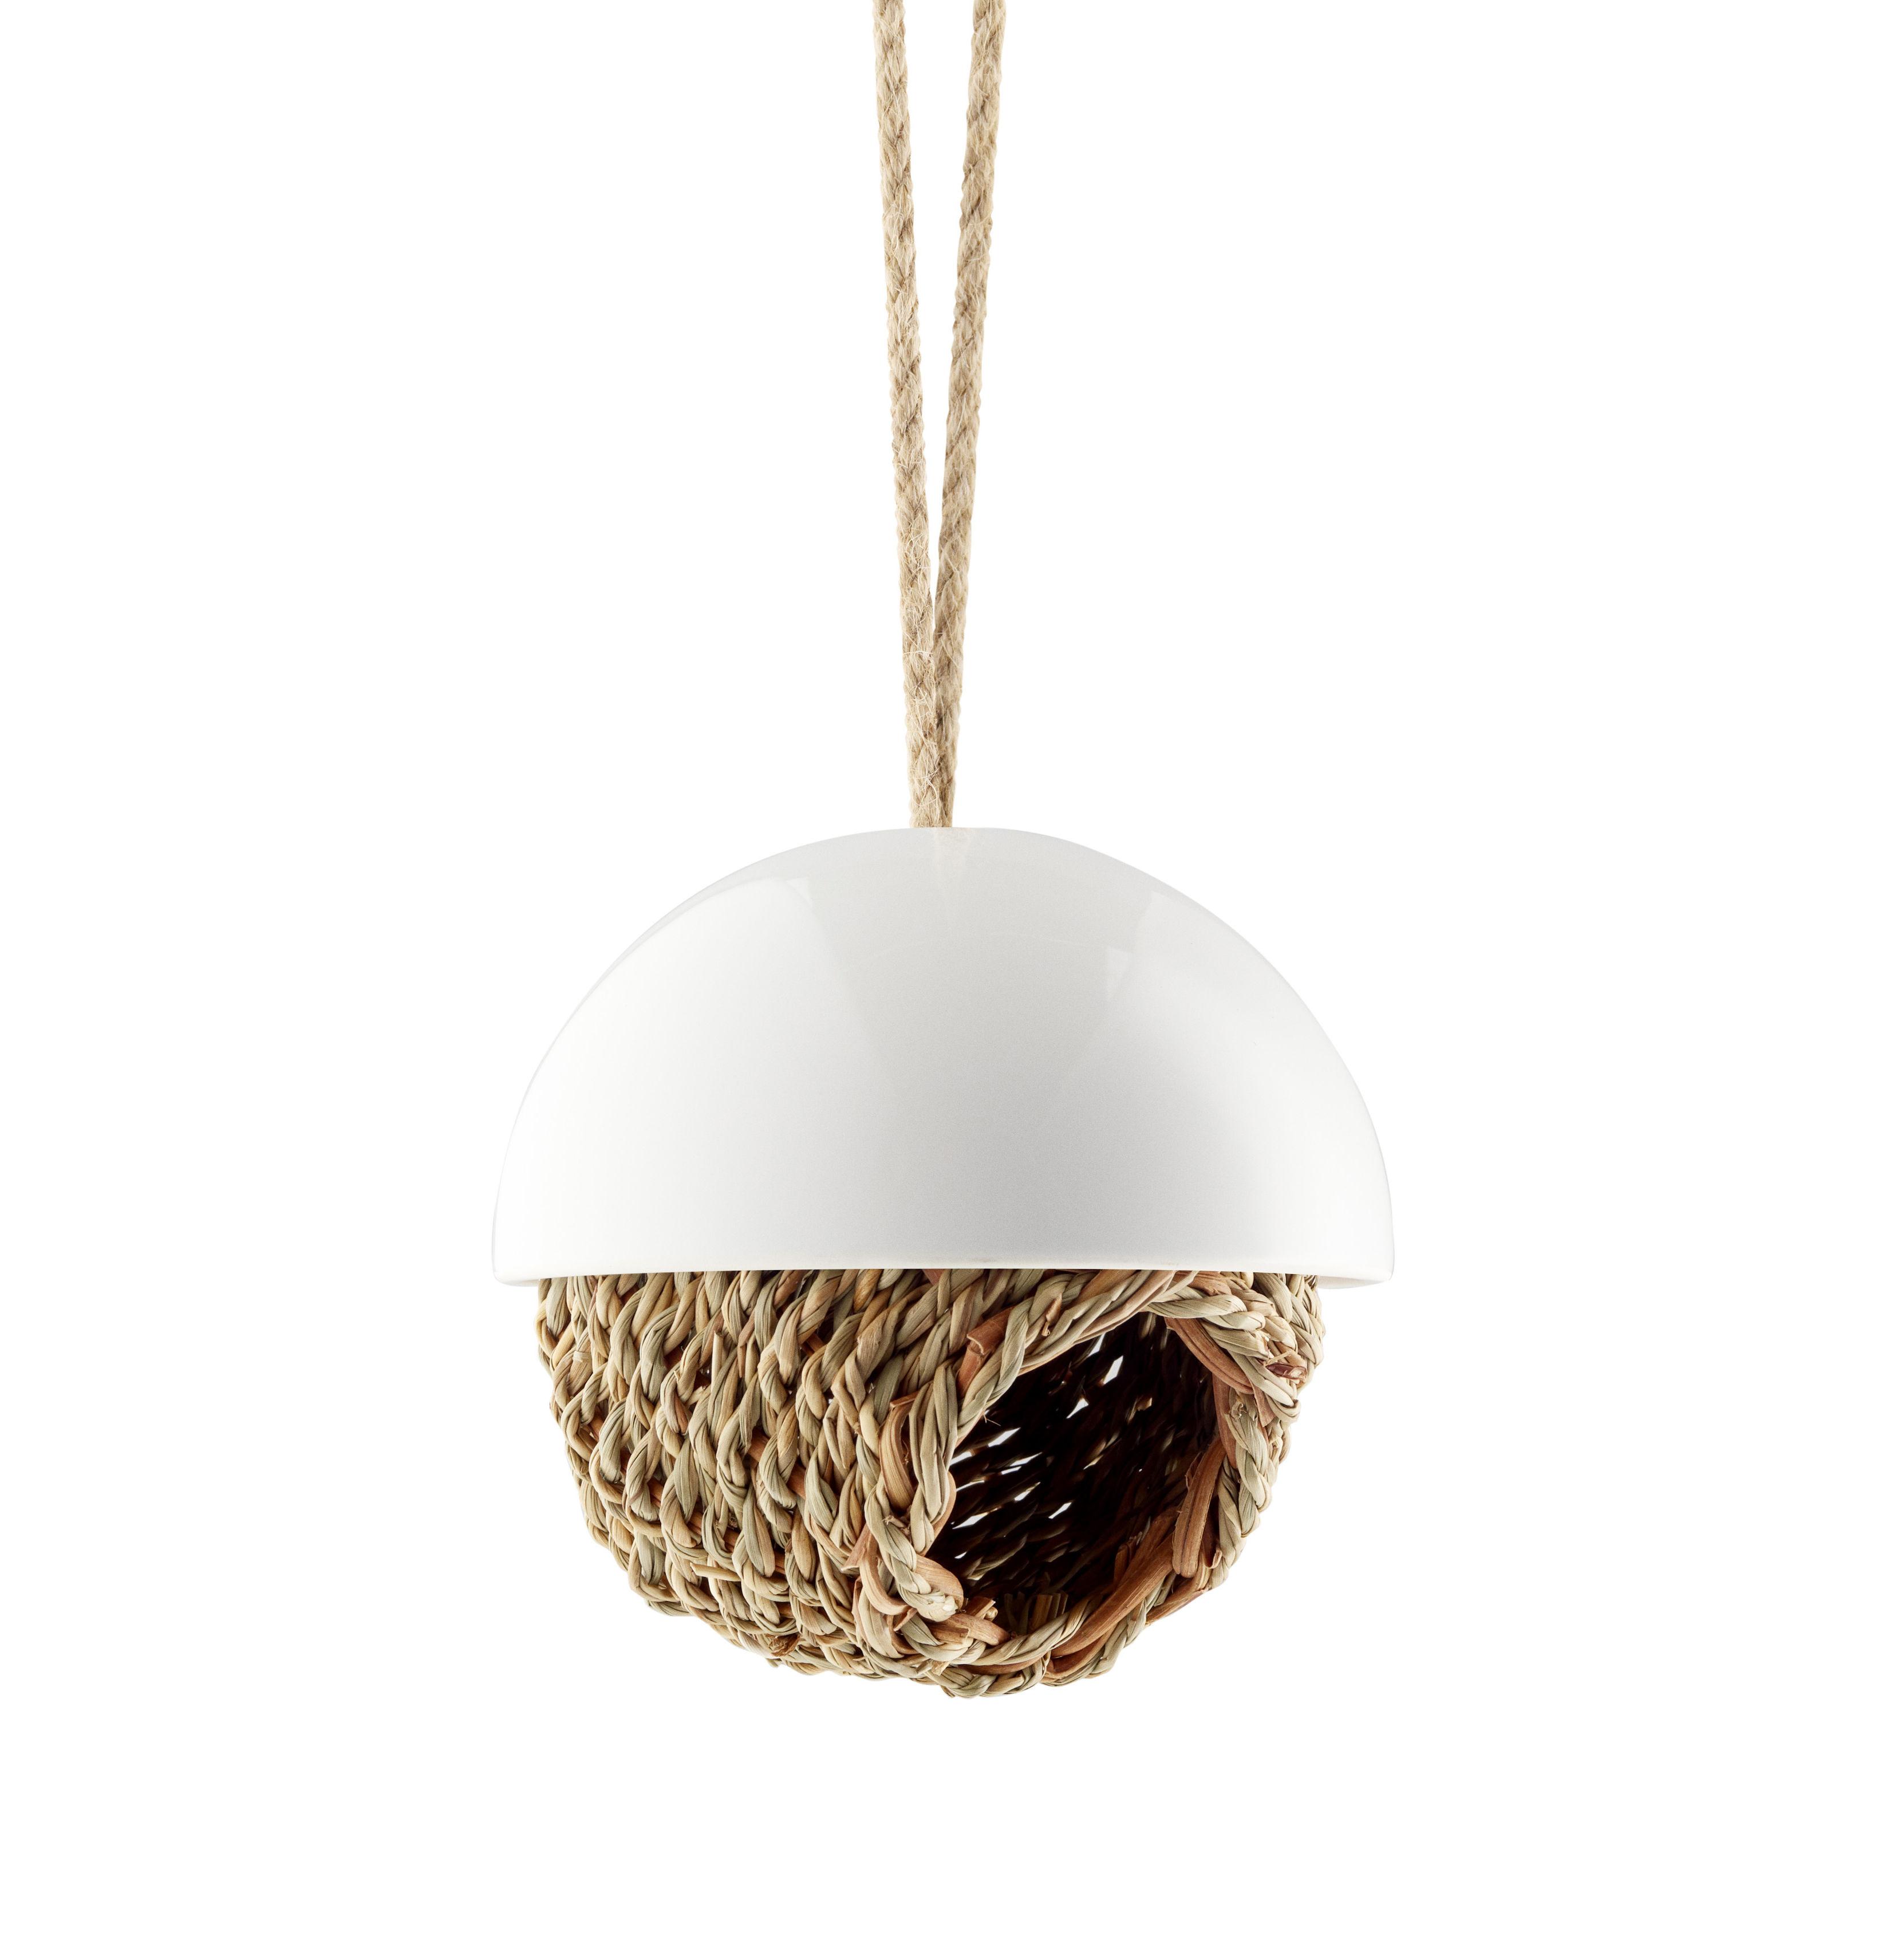 Outdoor - Déco et accessoires - Mangeoire à oiseaux / Ø 13 cm - Eva Solo - Blanc & marron - Paille, Porcelaine